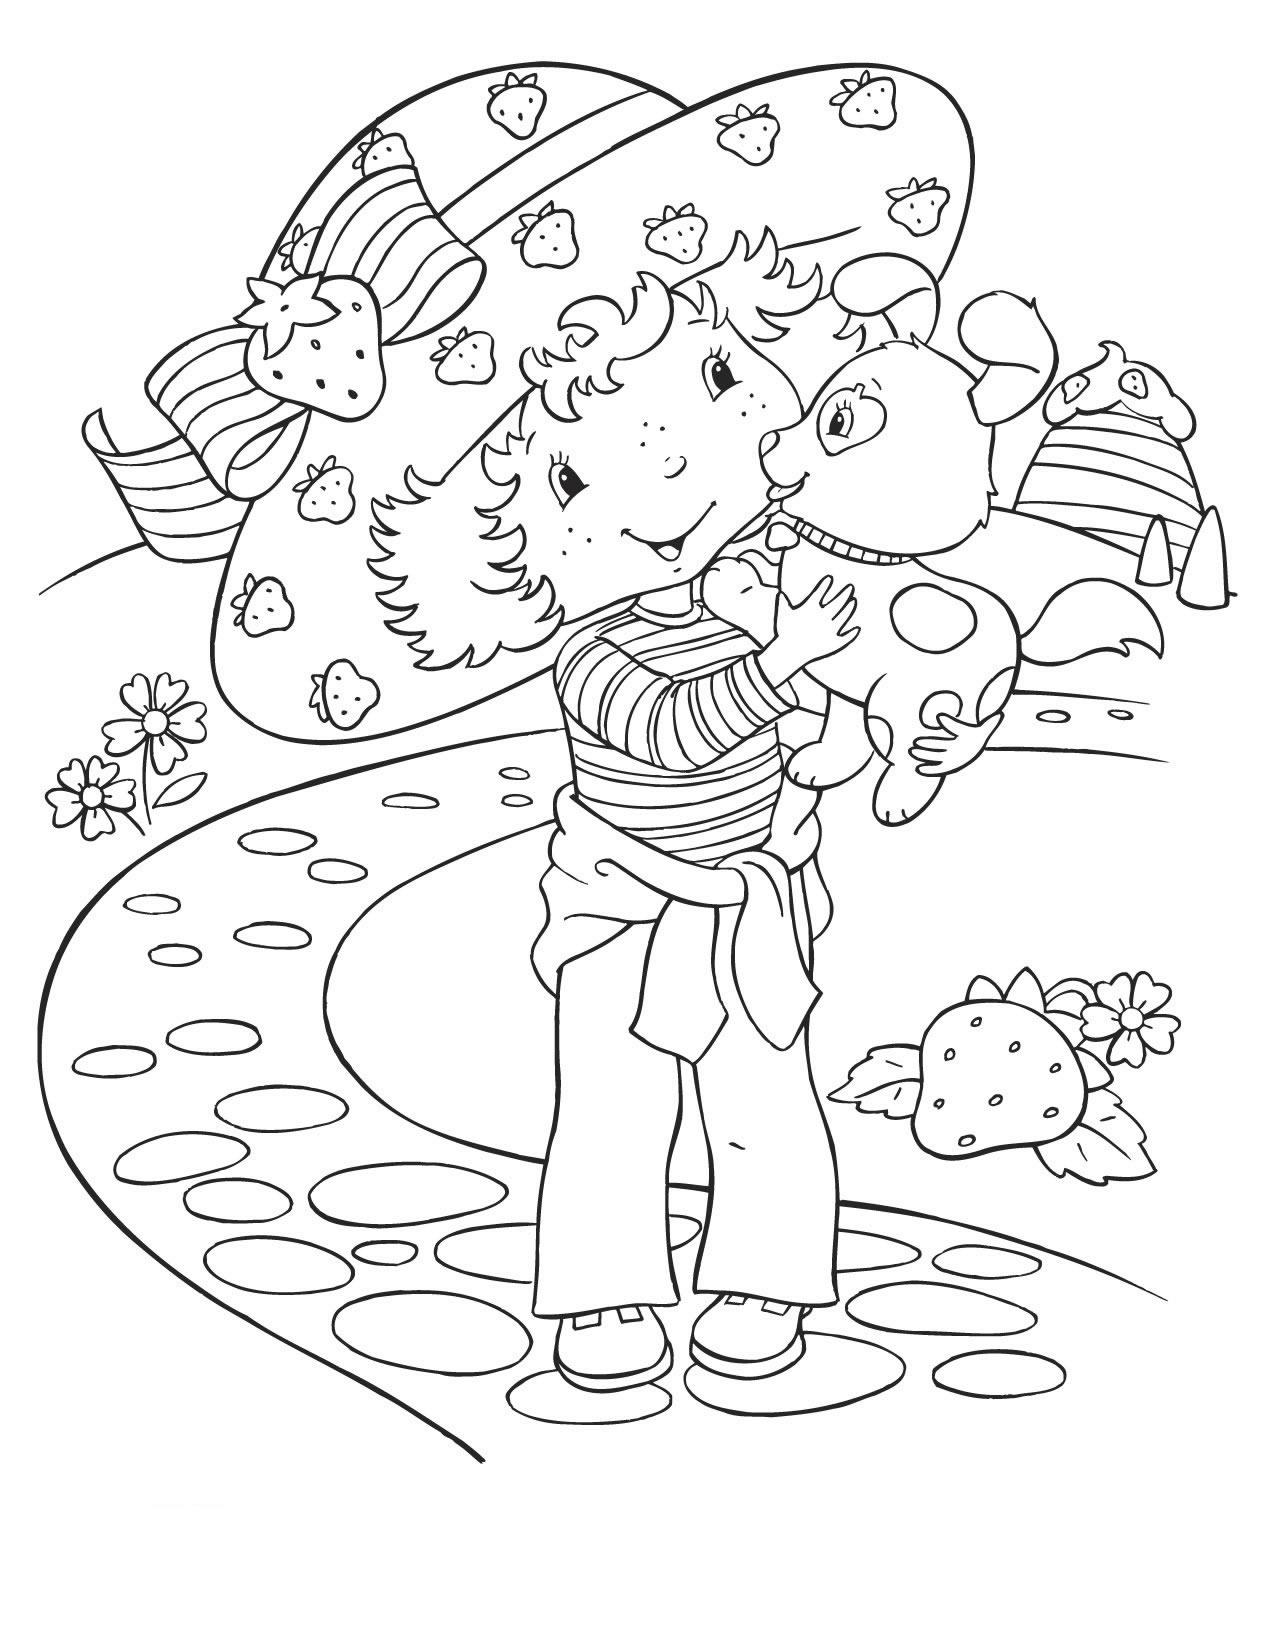 Coloriage charlotte aux fraises gratuit - dessin a imprimer #30